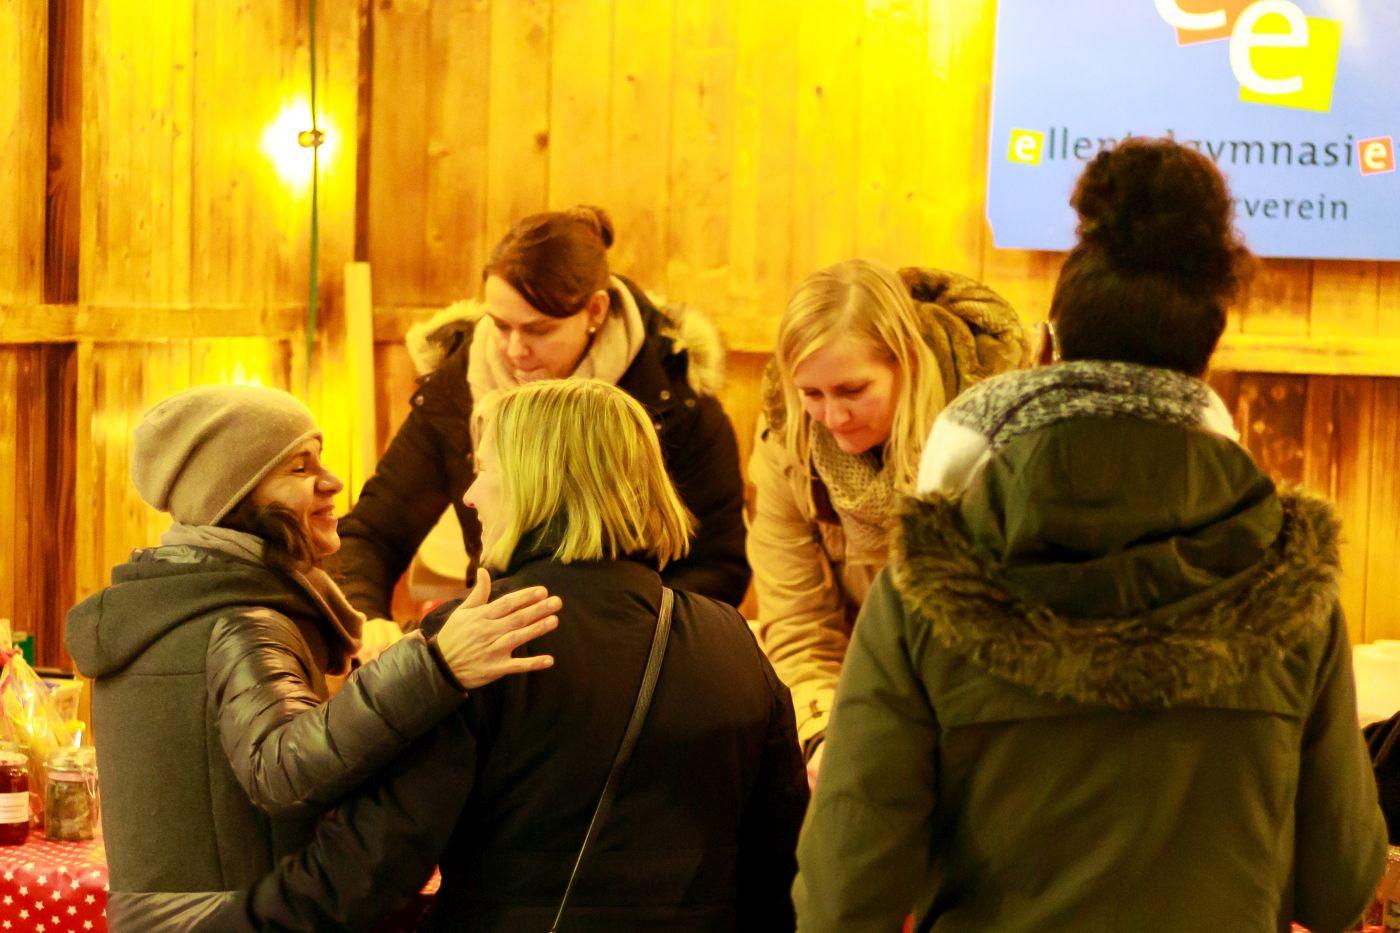 Plätzchen, Waffeln & Gelée: mit viel Spass und tollen Helfern auf dem Sternlesmarkt 2019